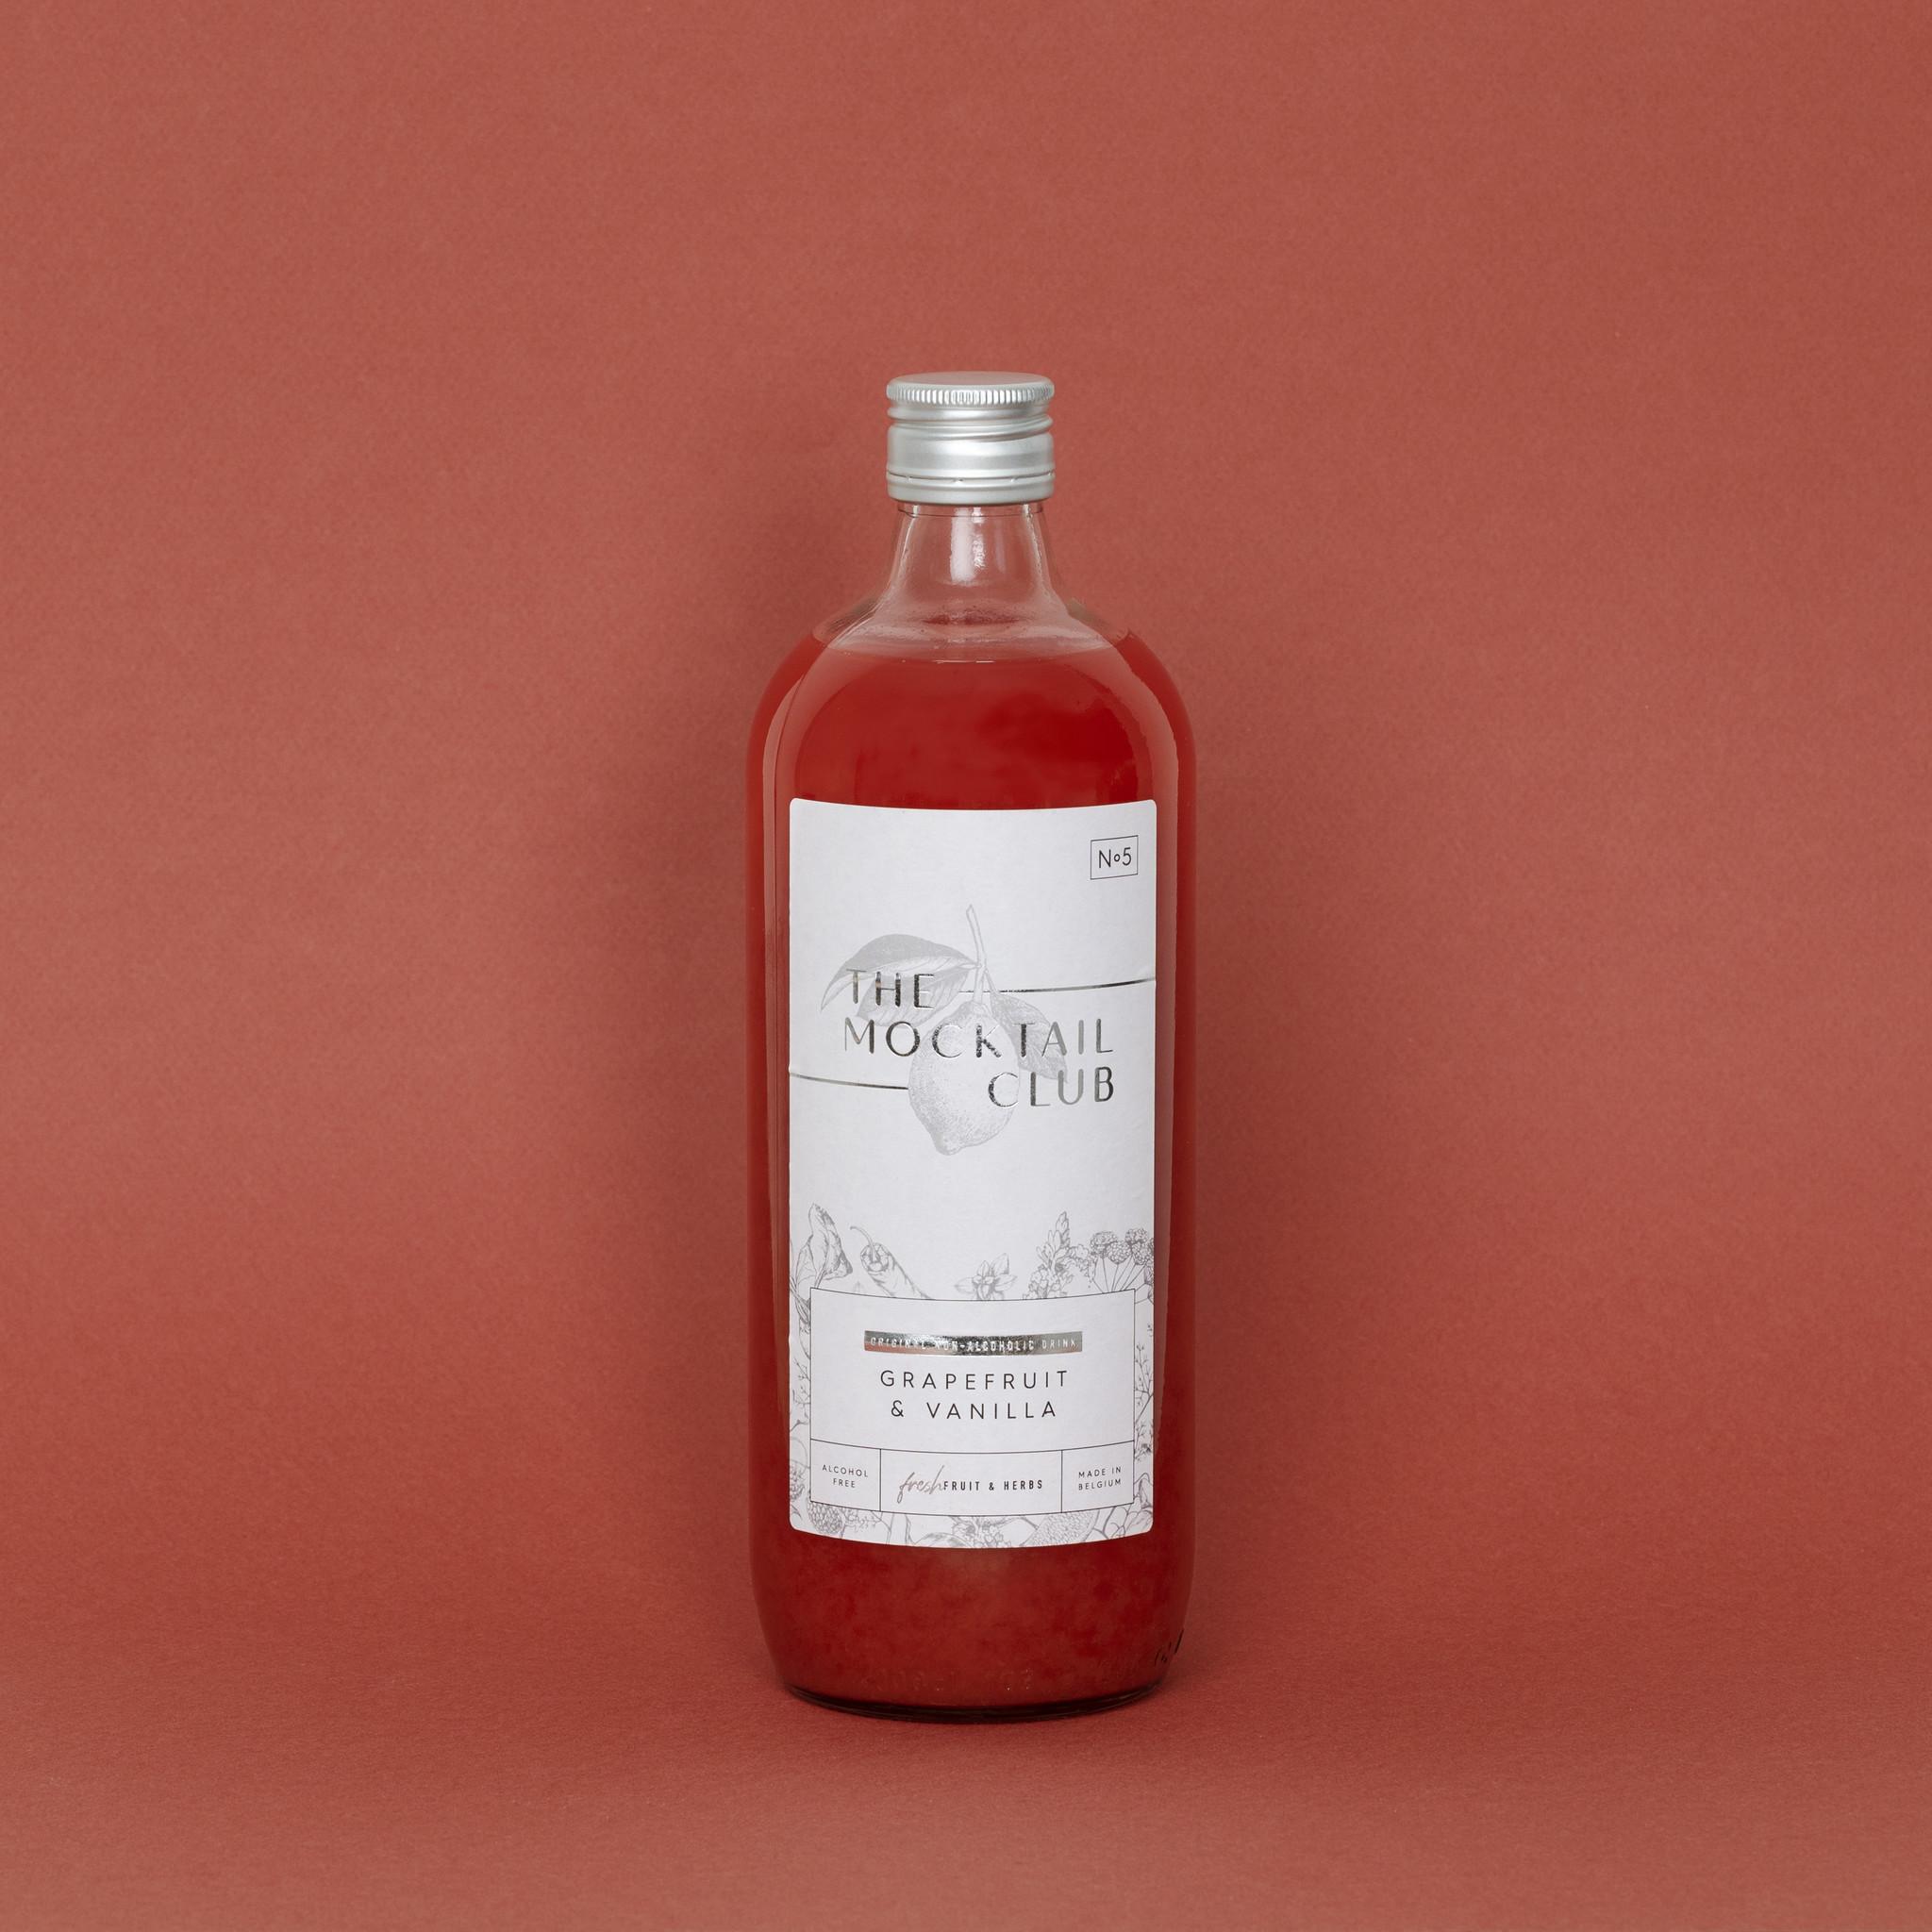 The Mocktail Club Grapefruit & Vanilla 1L